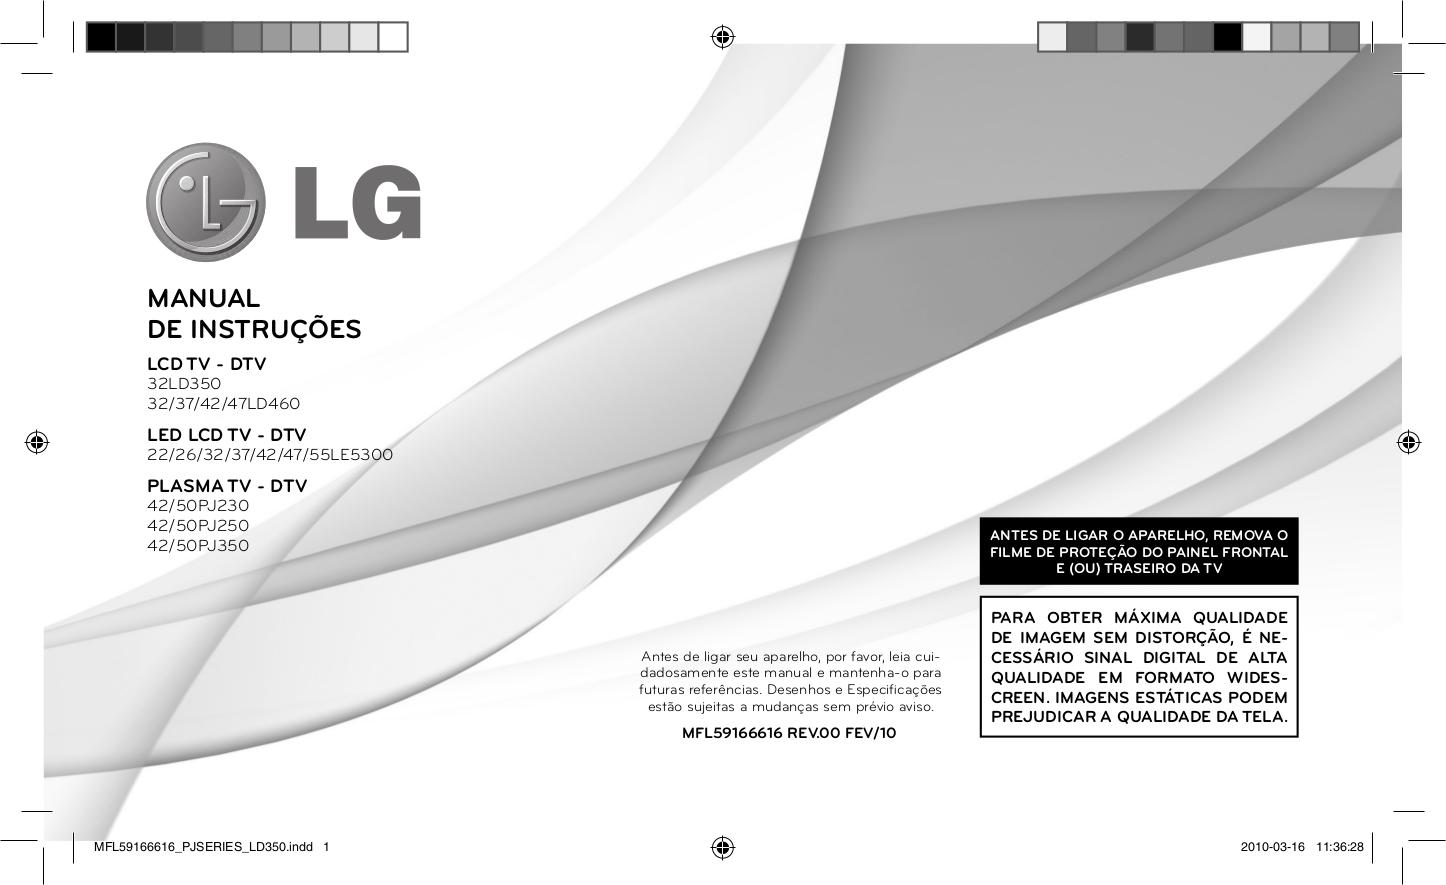 pdf for LG TV 42LD460 manual